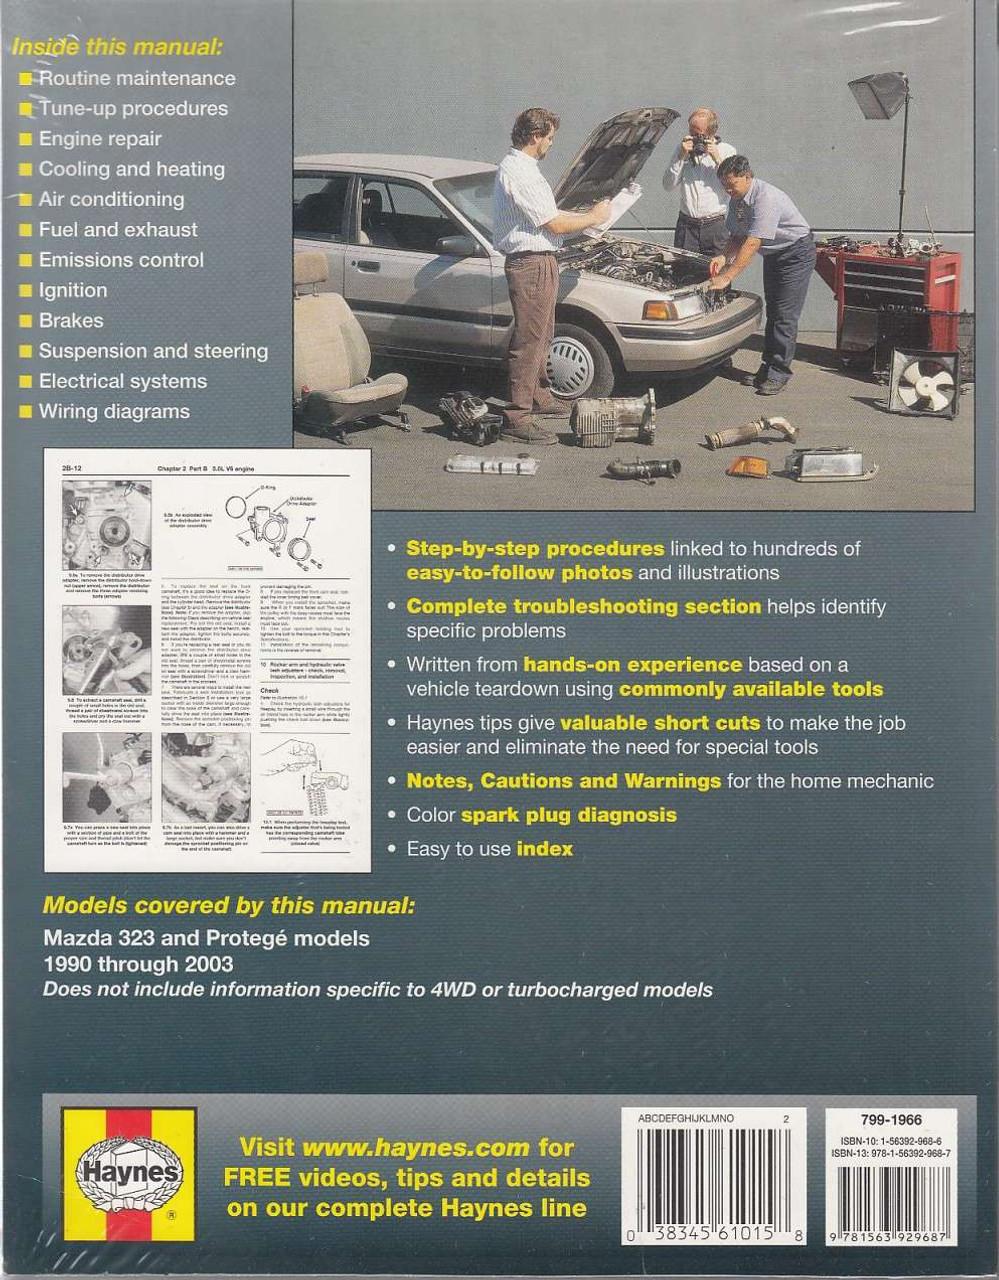 1997 Mazda Protege Wiring Diagram 1997 Mazda Protege Wiring Di